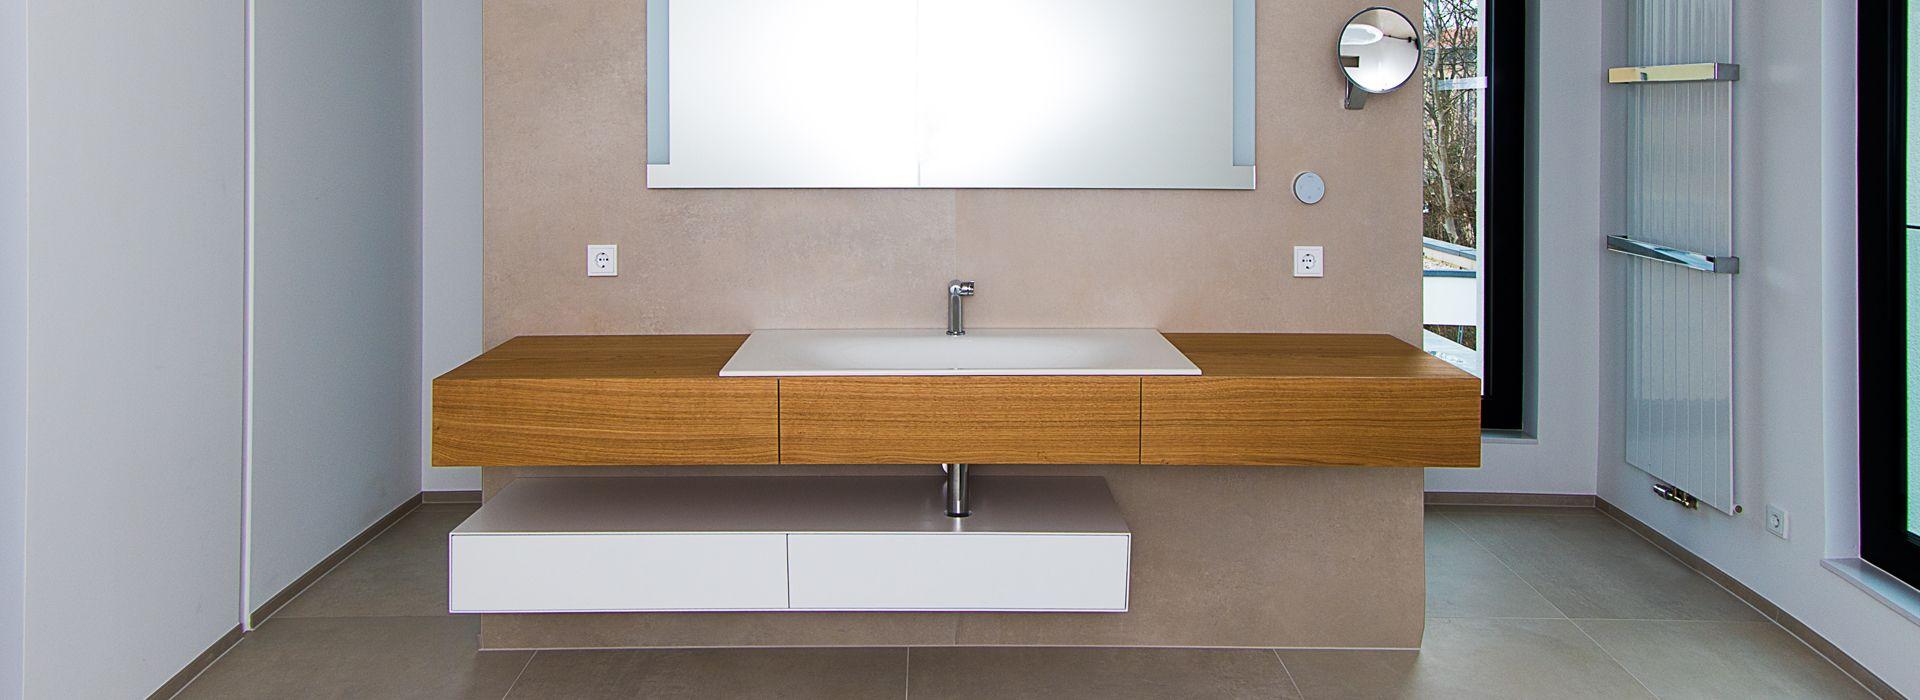 Abbildung Modernes Bad mit XXL-Fliesen Blick frontal auf Waschbereich